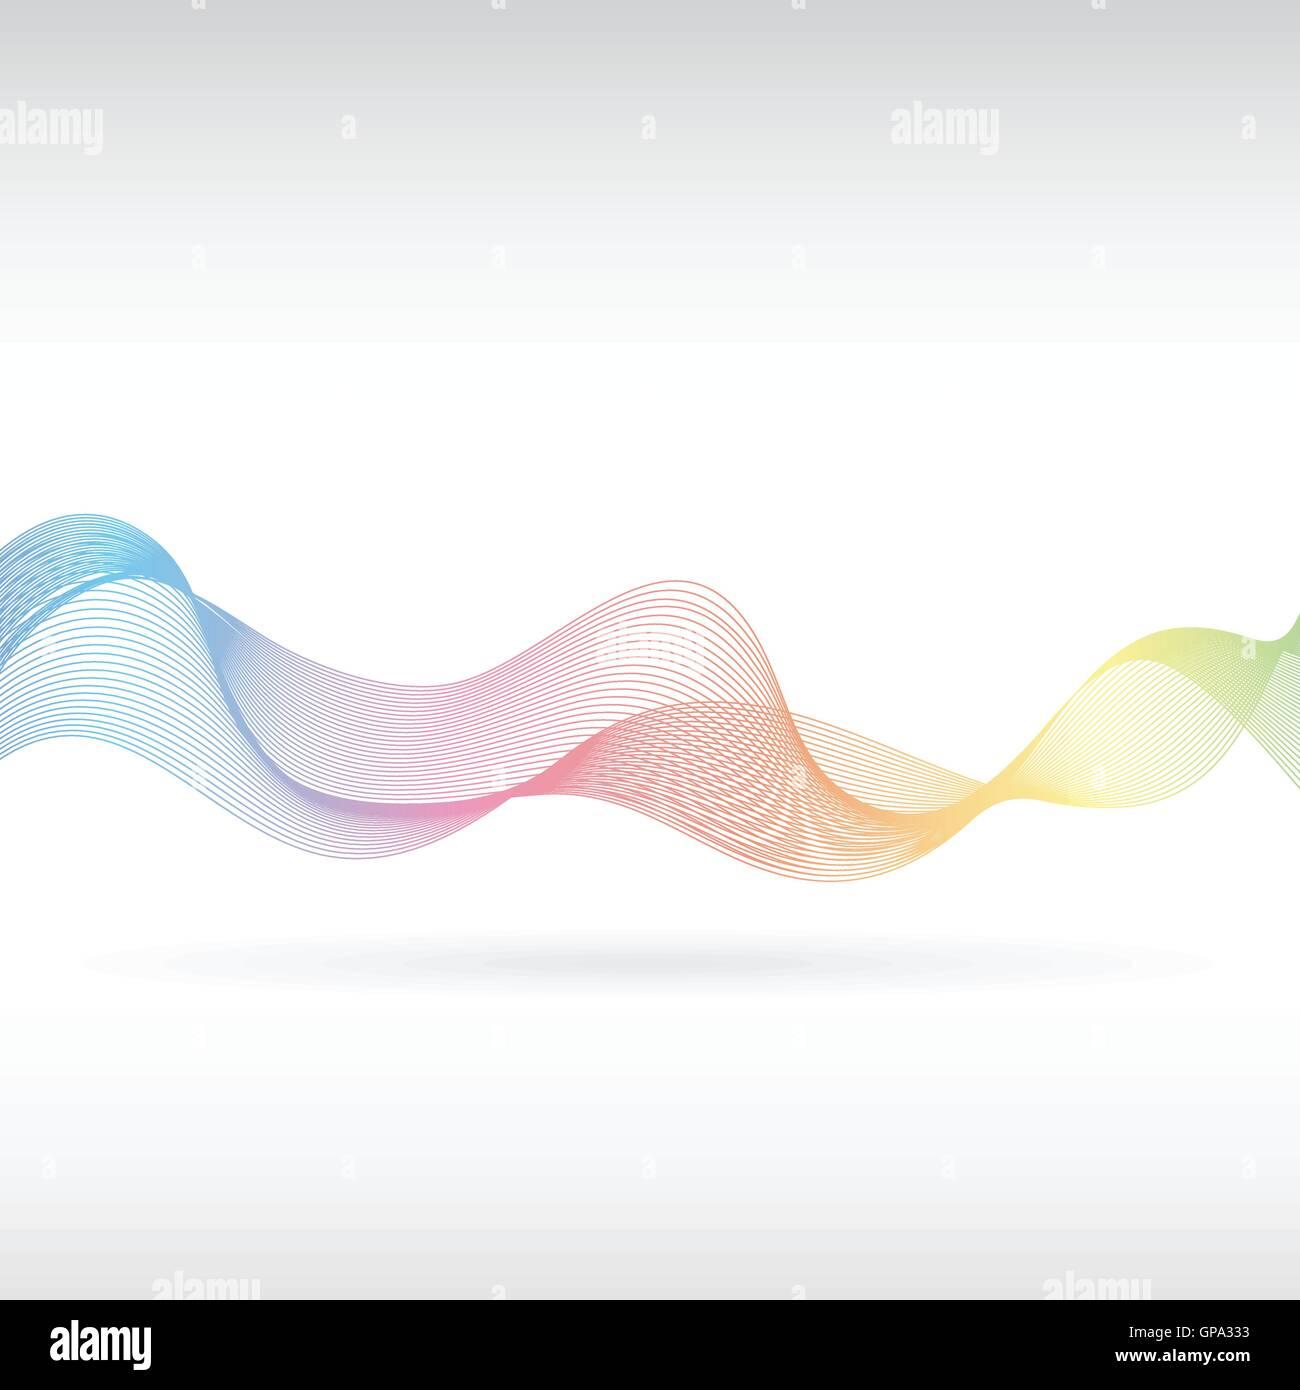 An abstract rainbow smoke design - Stock Image